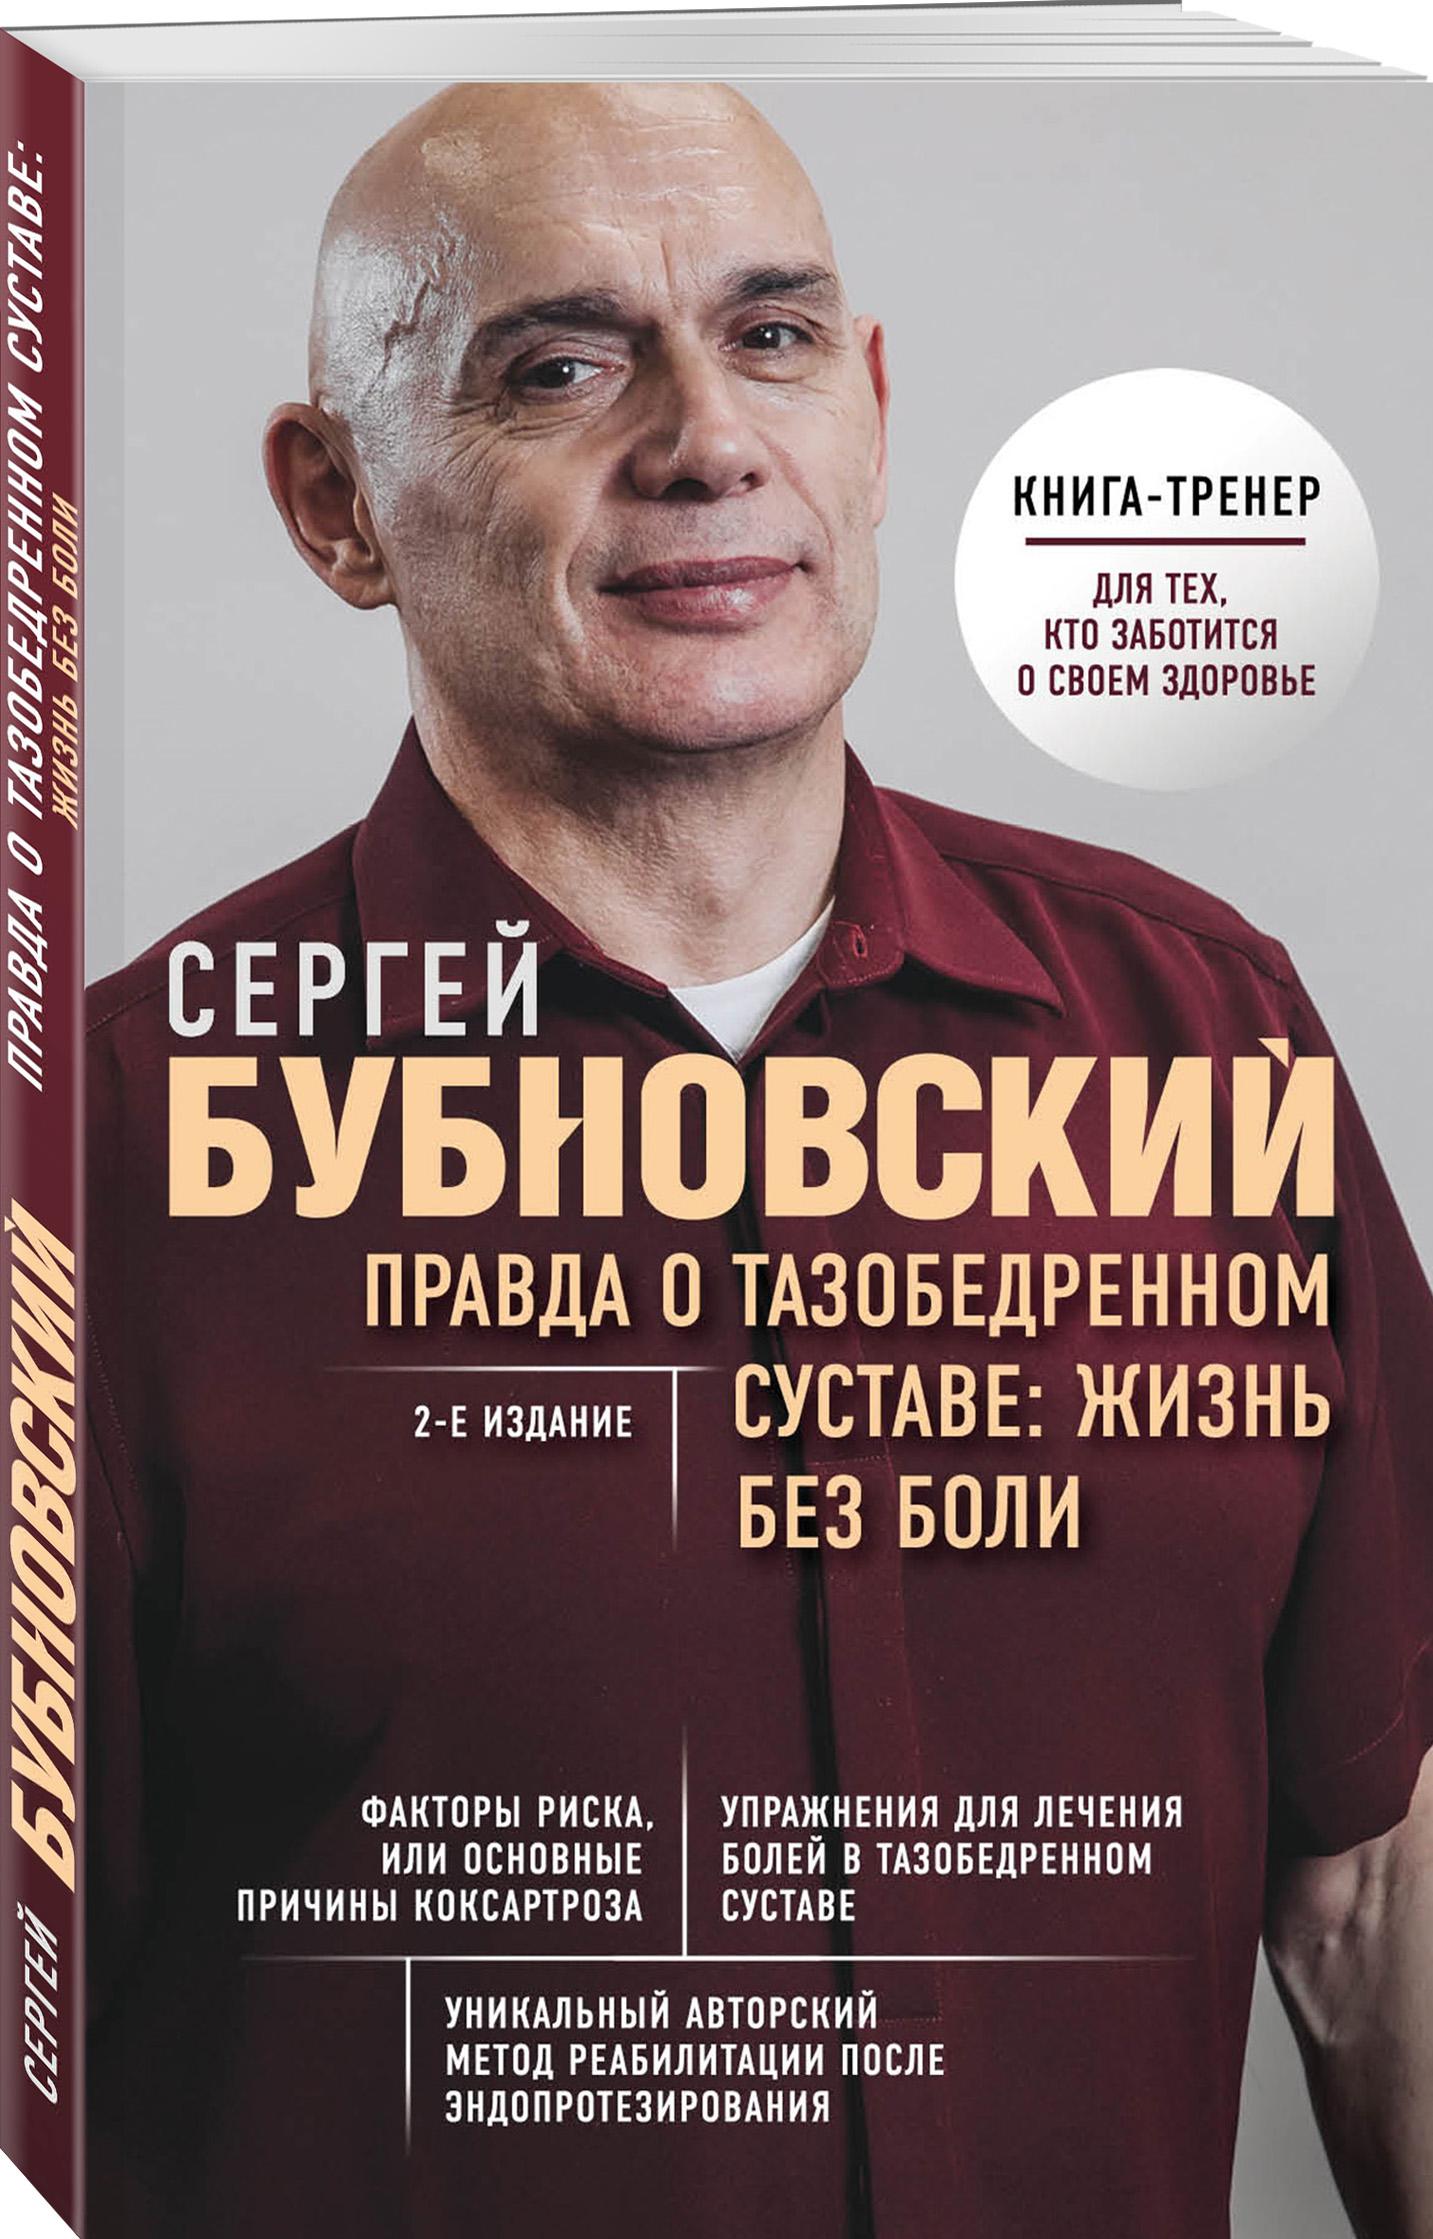 Правда о тазобедренном суставе: Жизнь без боли. 2-е издание ( Сергей Бубновский  )